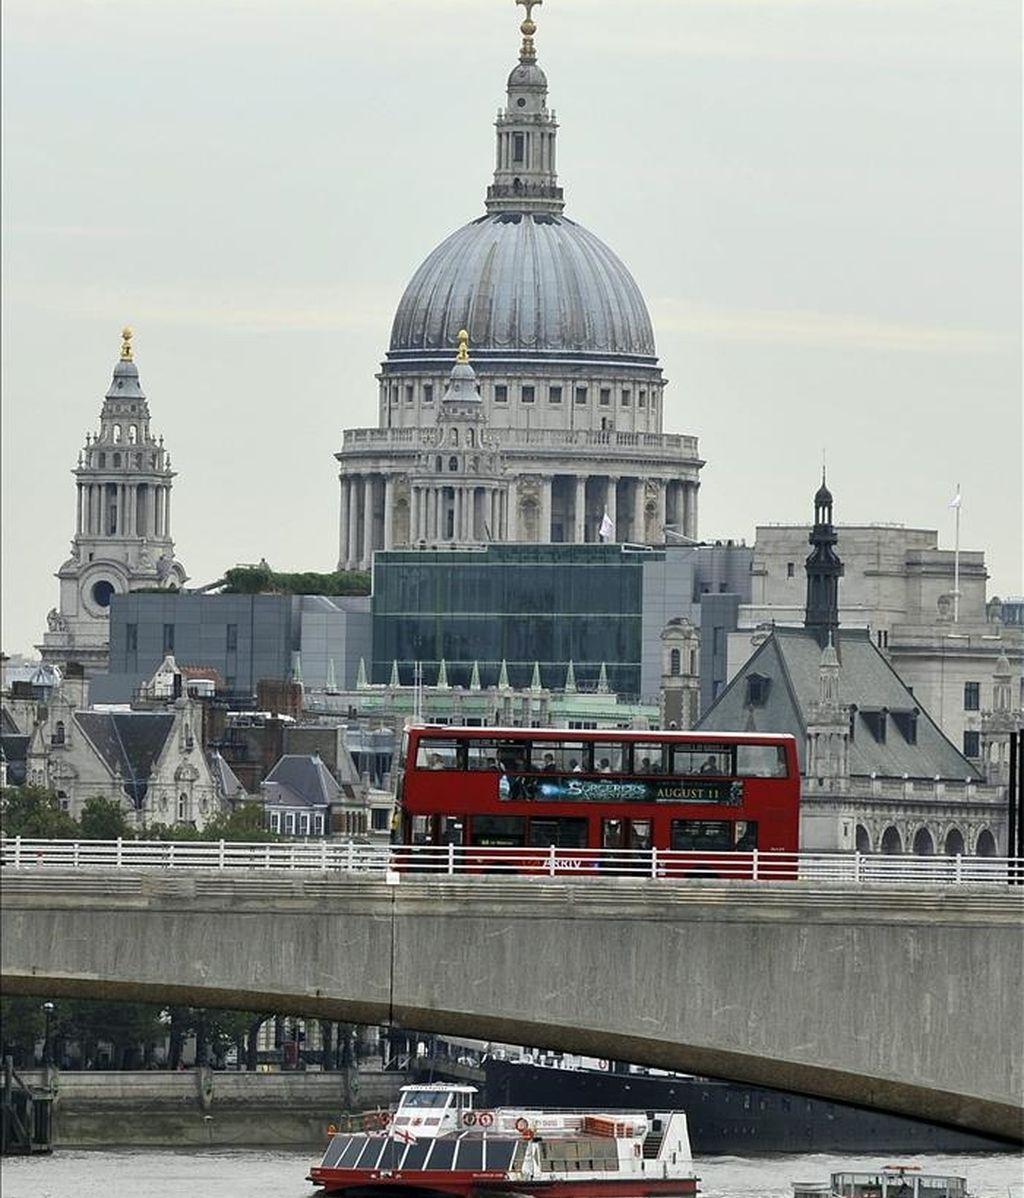 Un barco navega por el Támesis, en Londres (Reino Unido). EFE/Archivo